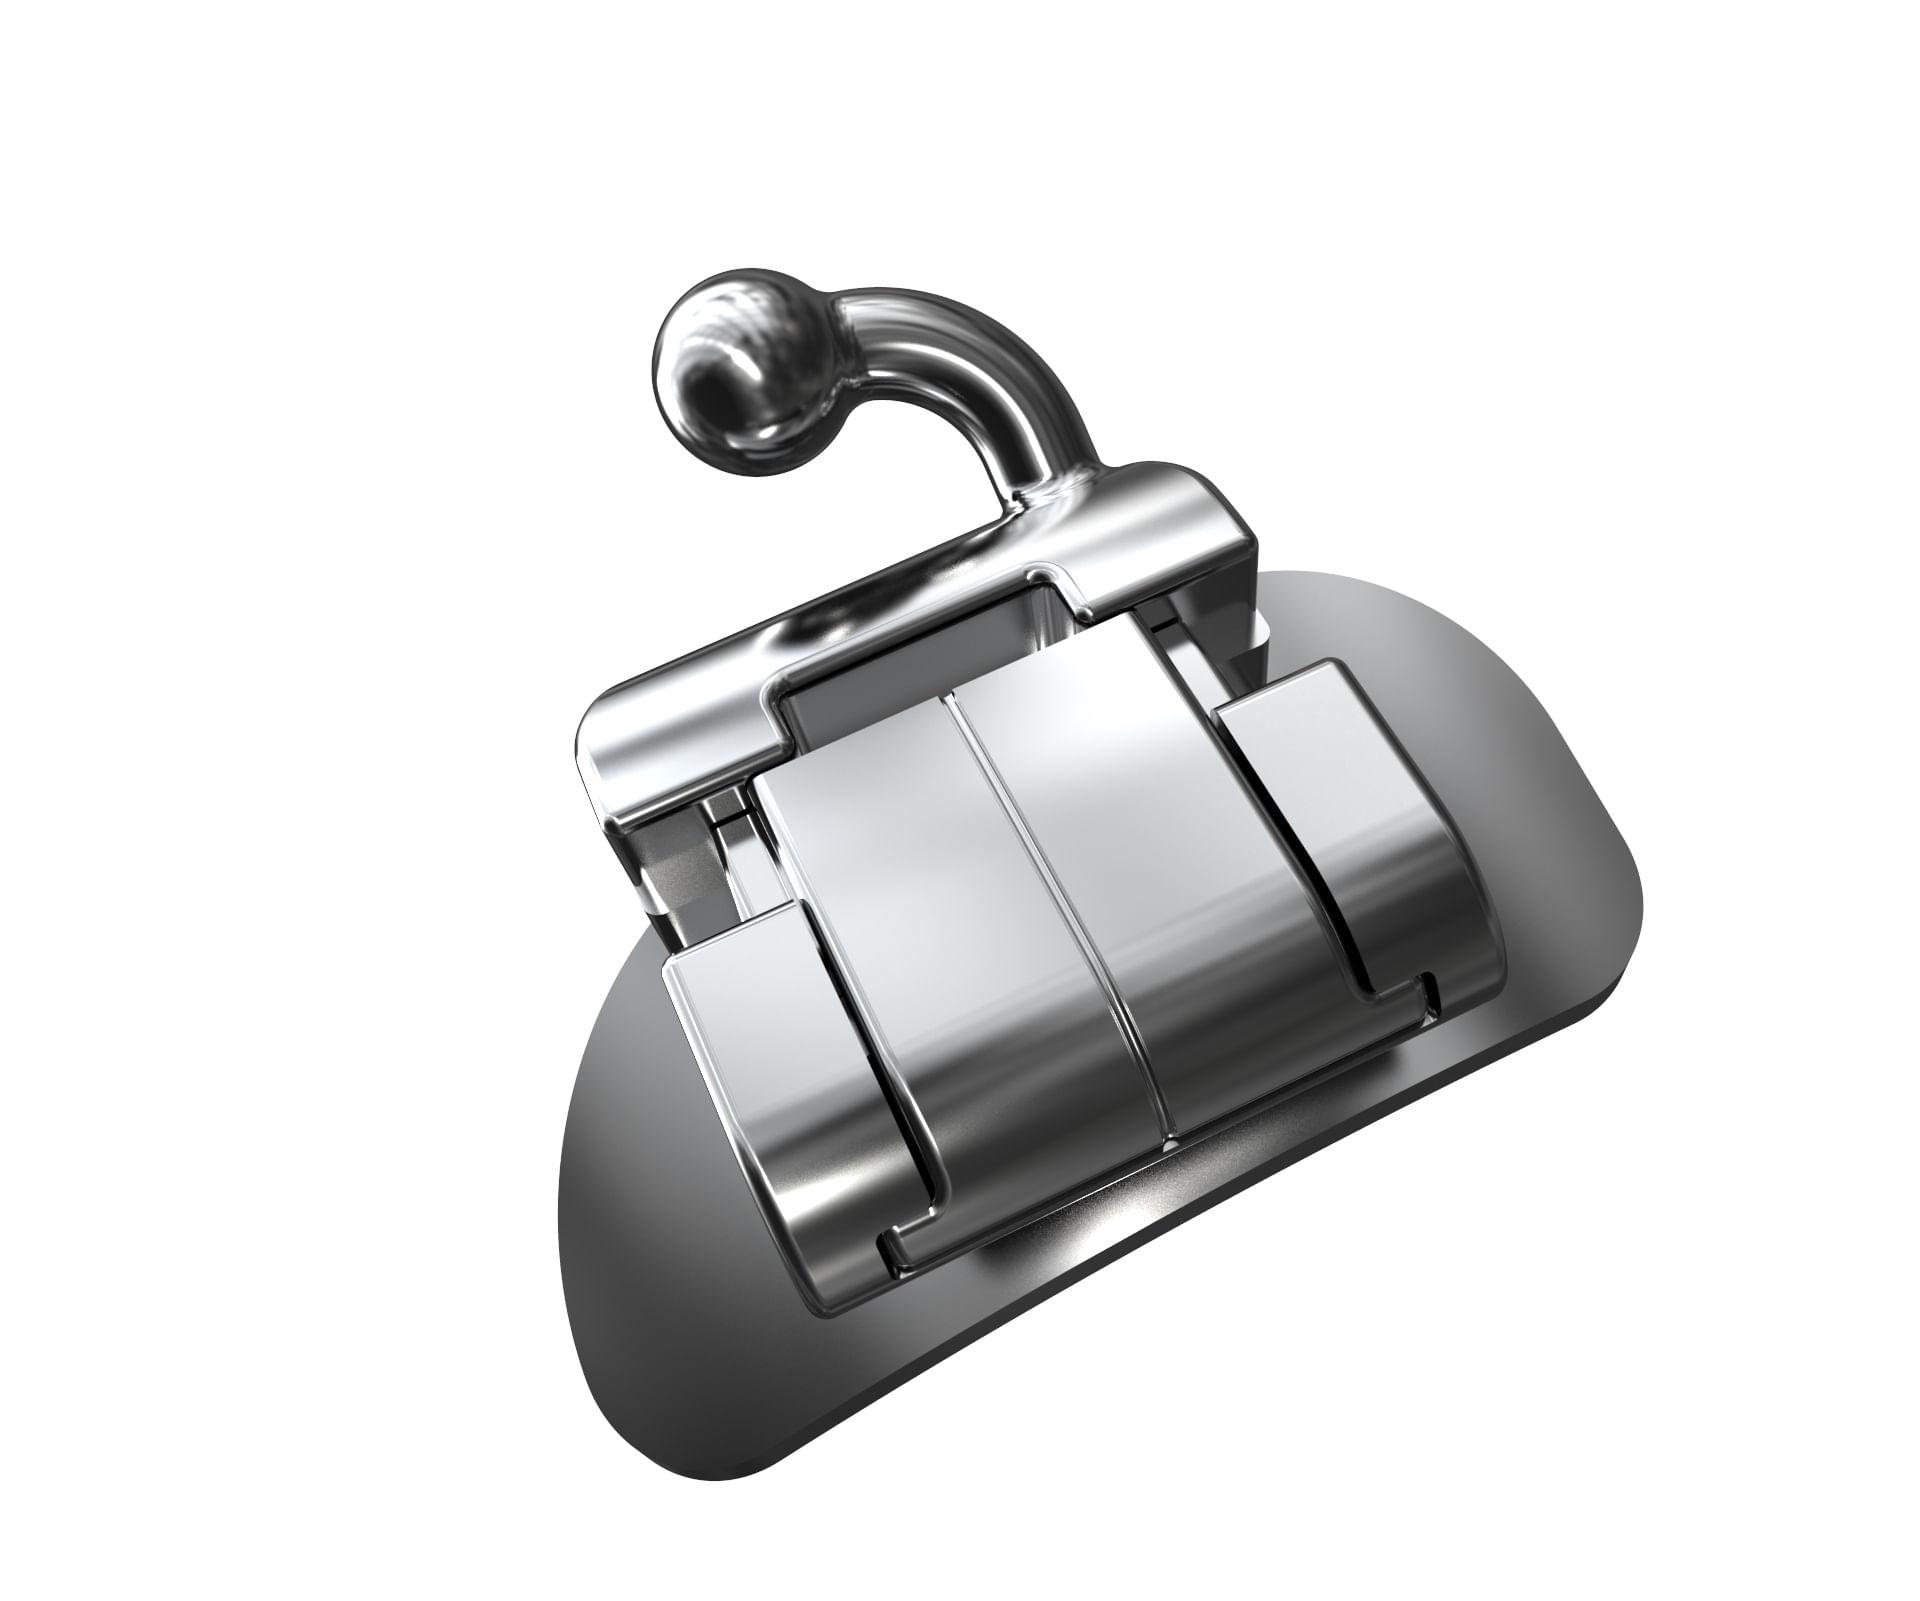 TUBO-ORTODONTICO-PARA-COLAGEM-AUTOLIGADO---PRESCRICAO-MBT-.022----DENTE-16---INFINITY